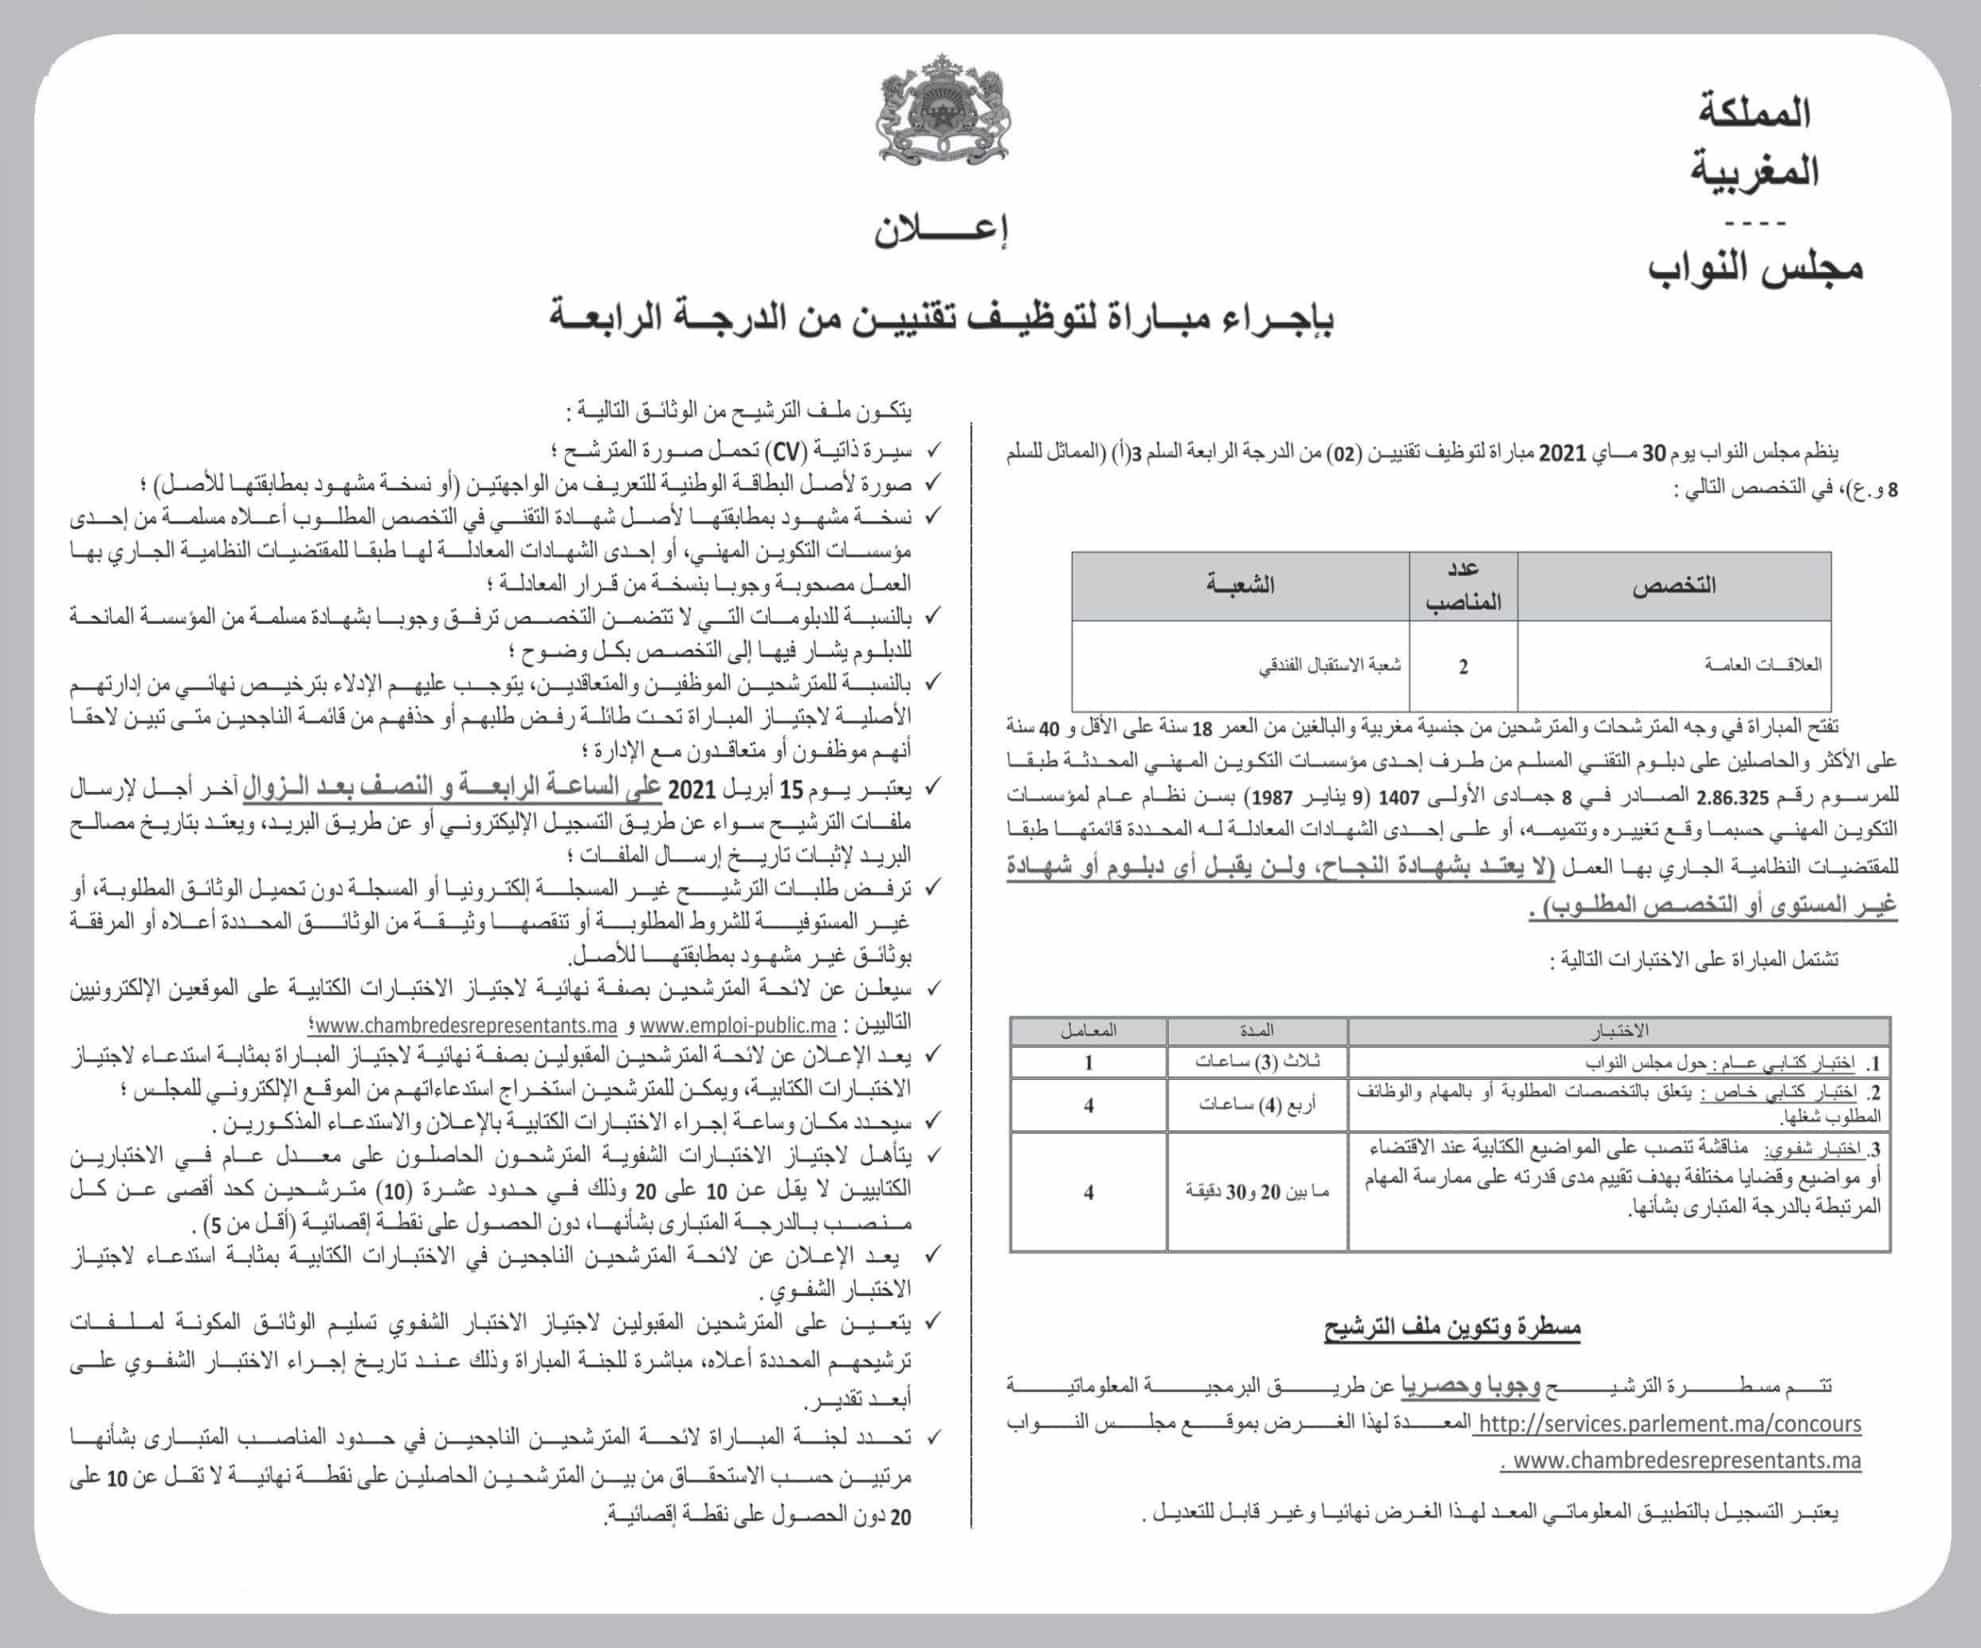 avis de concours pdf chambre representants 2021 6 Résultats Concours Chambre des Représentants 2021 (52 Postes)